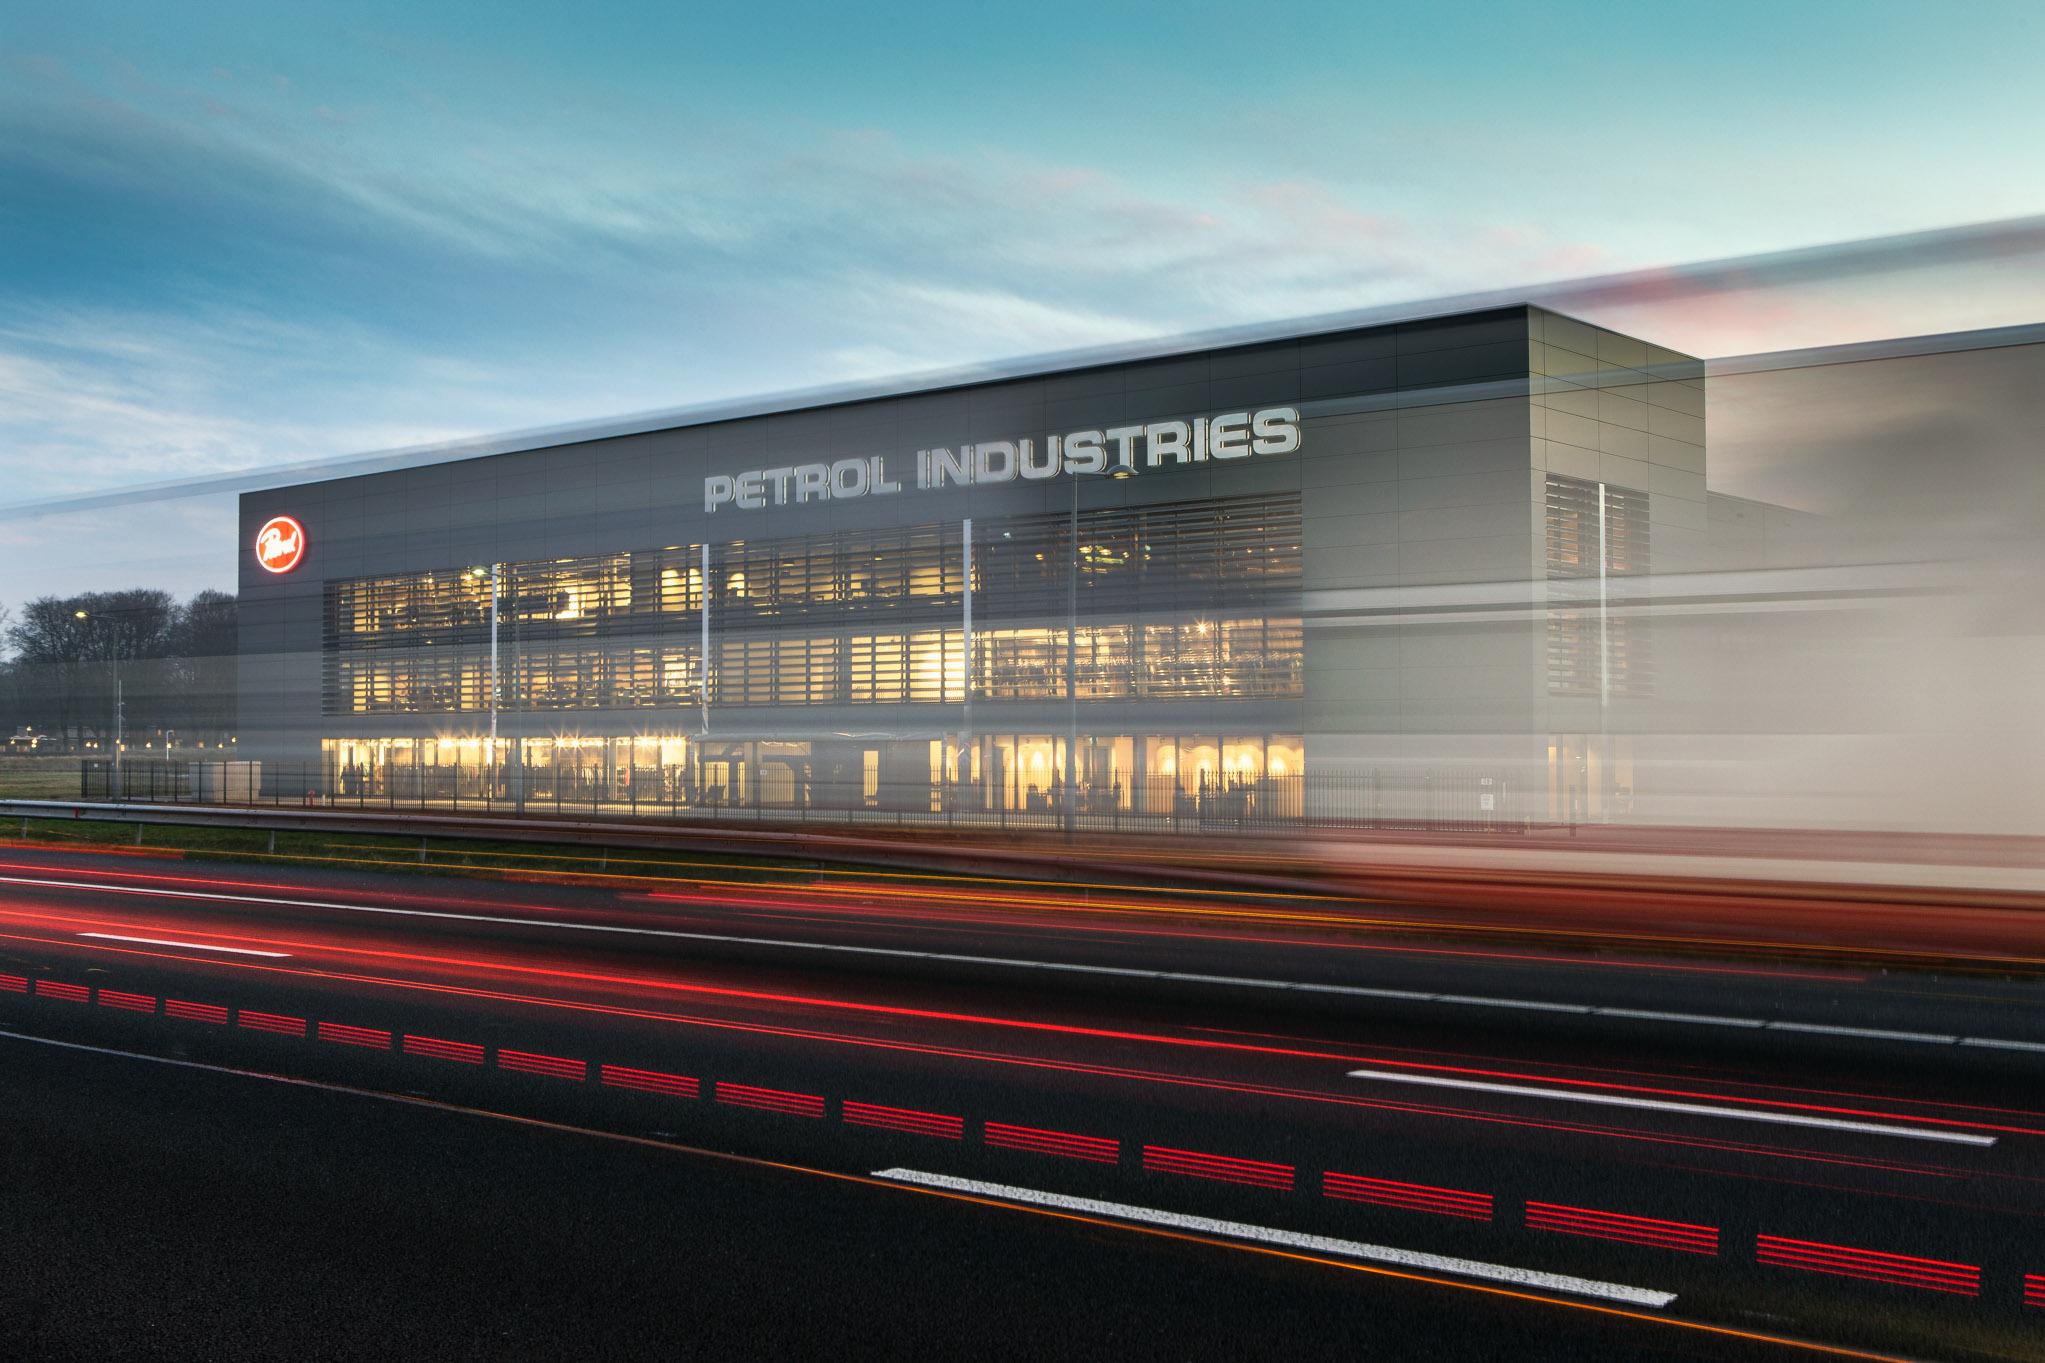 Opvallend beeld van een bedrijfspand gemaakt tijdens een fotoreportage van Petrol Industries in Tilburg.